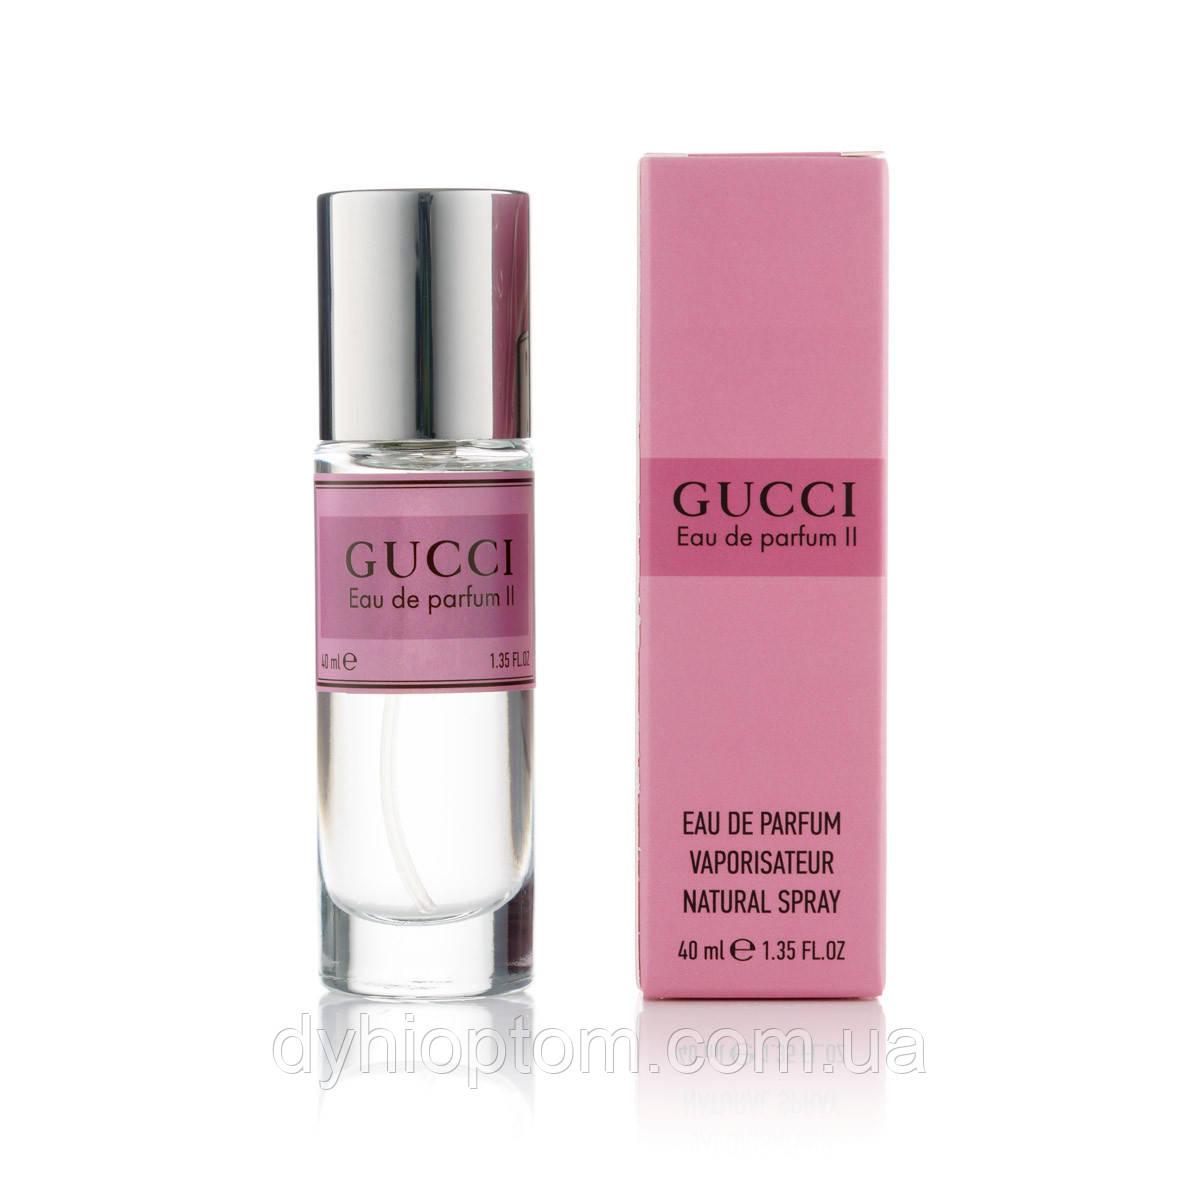 Мини парфюм женский 40ml Gucci Eau De Parfum II